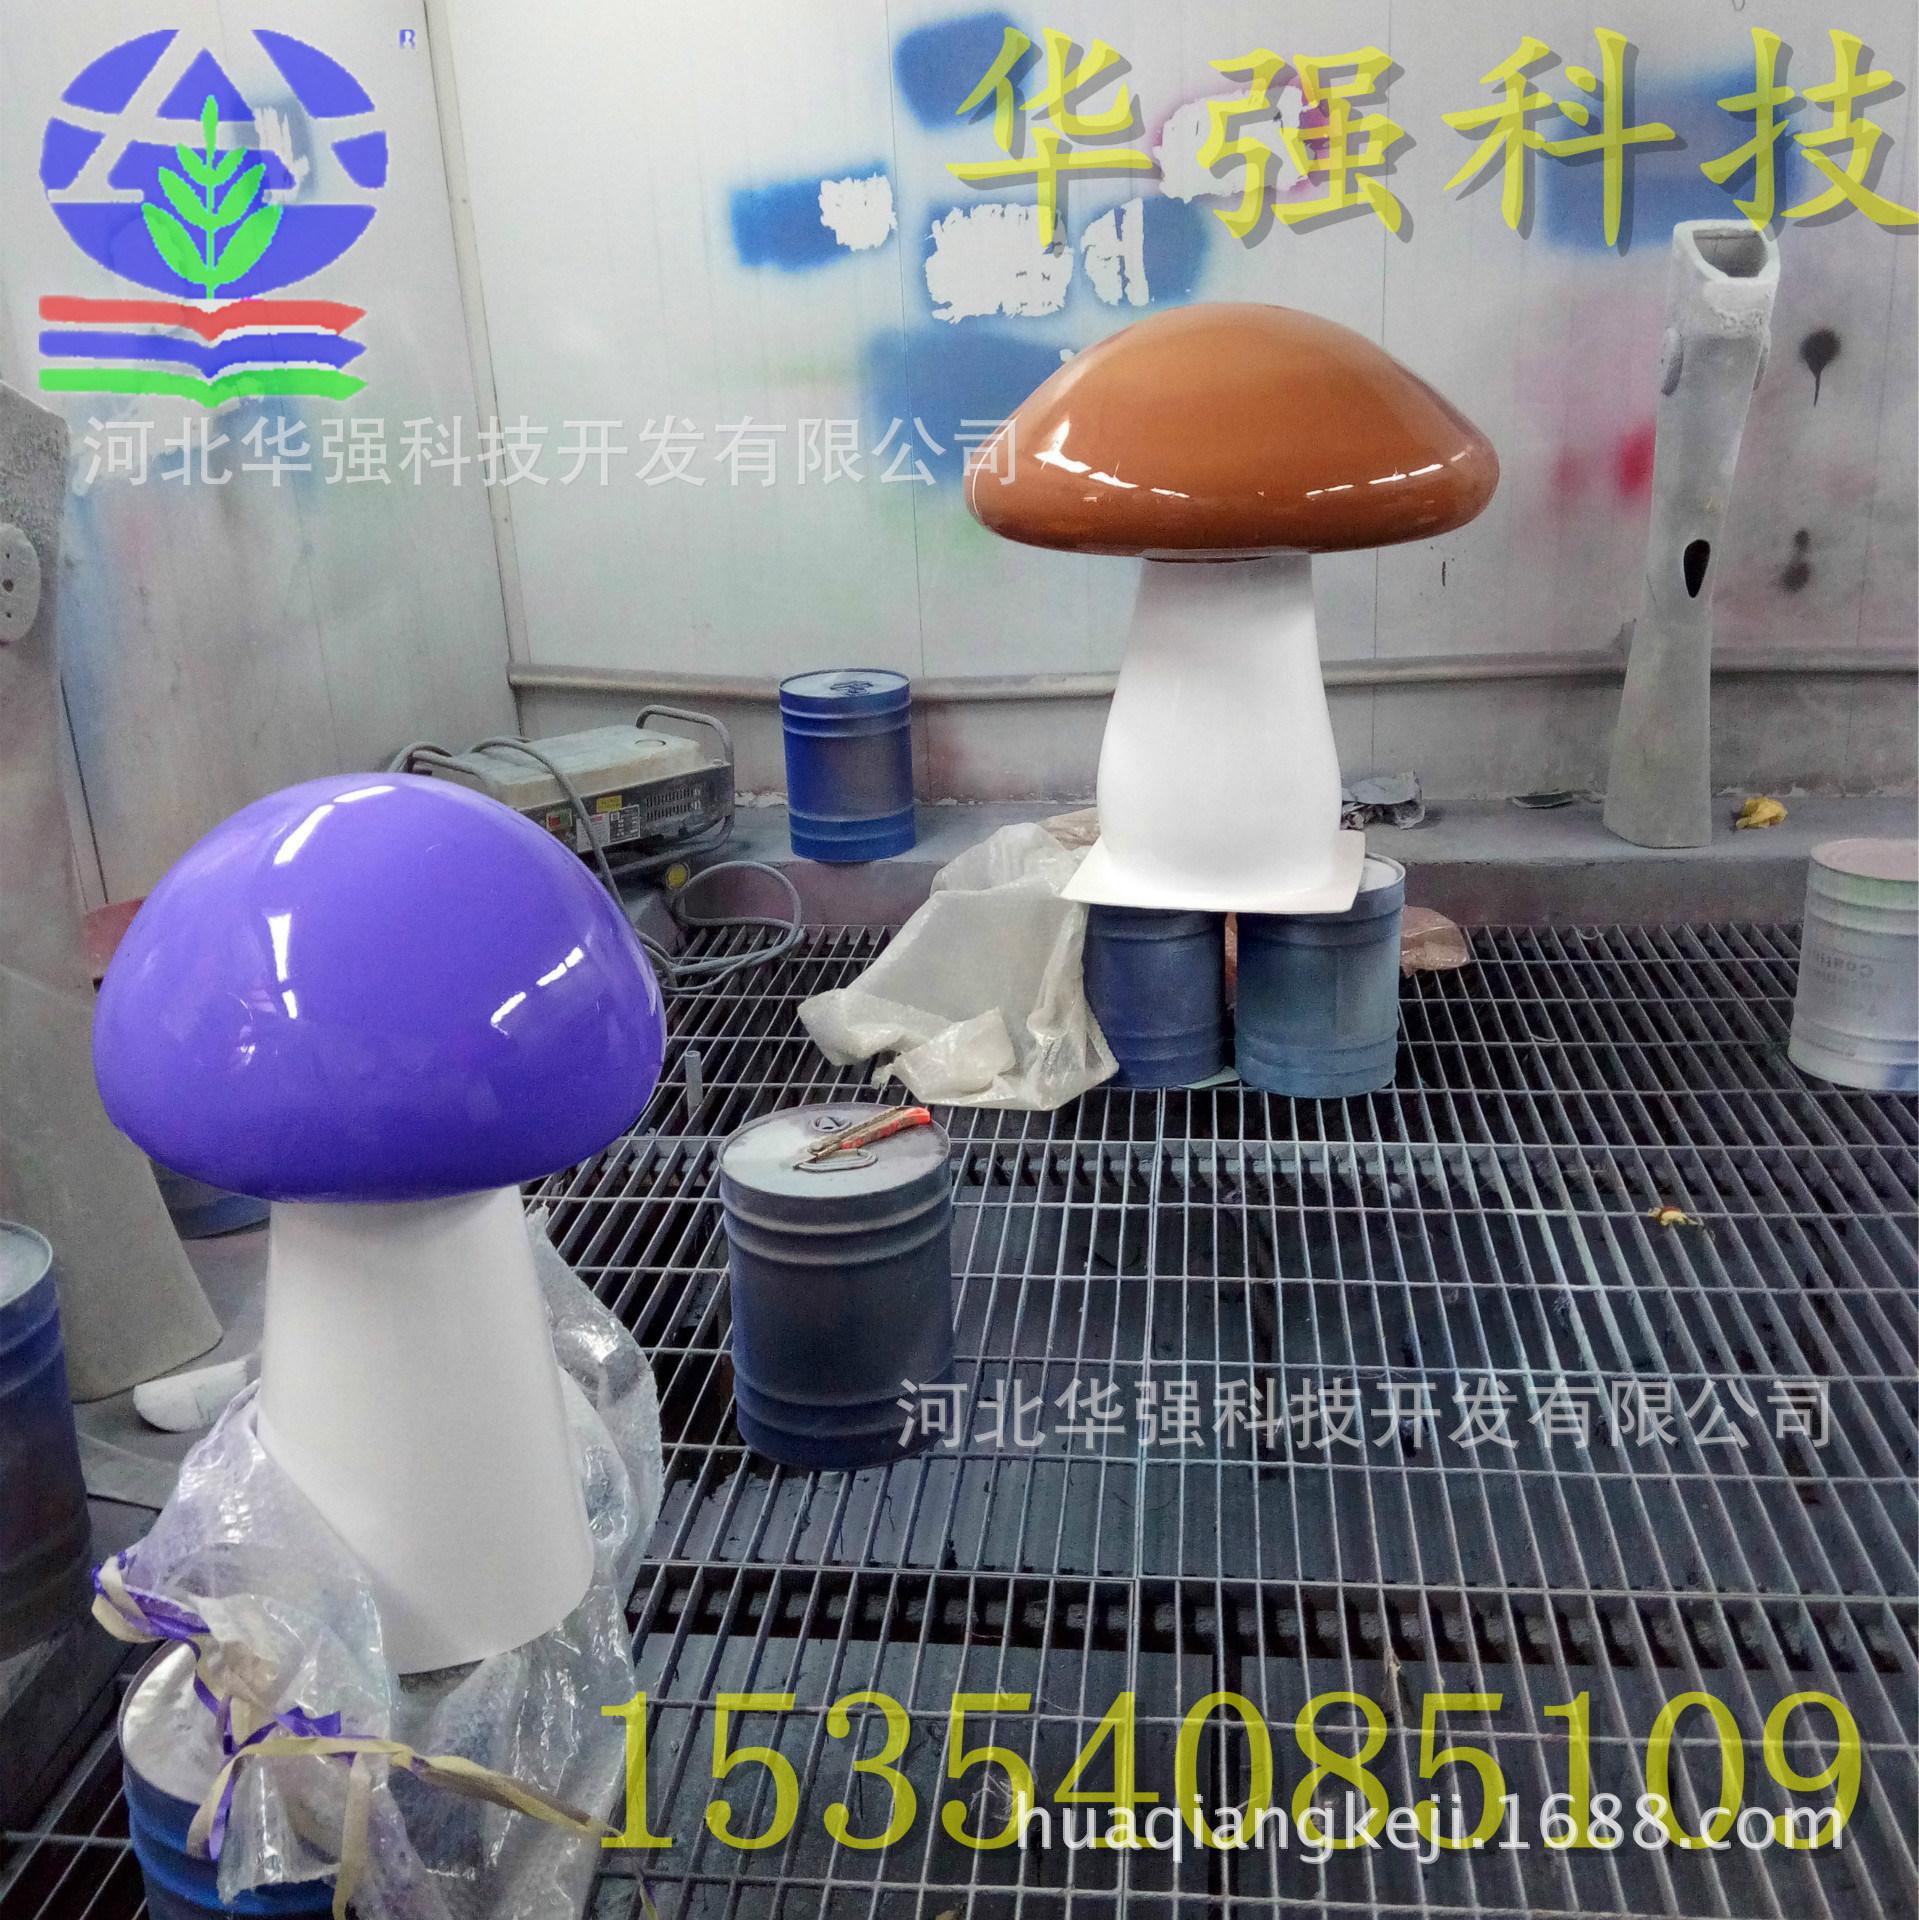 玻璃钢卡通蘑菇雕塑摆件